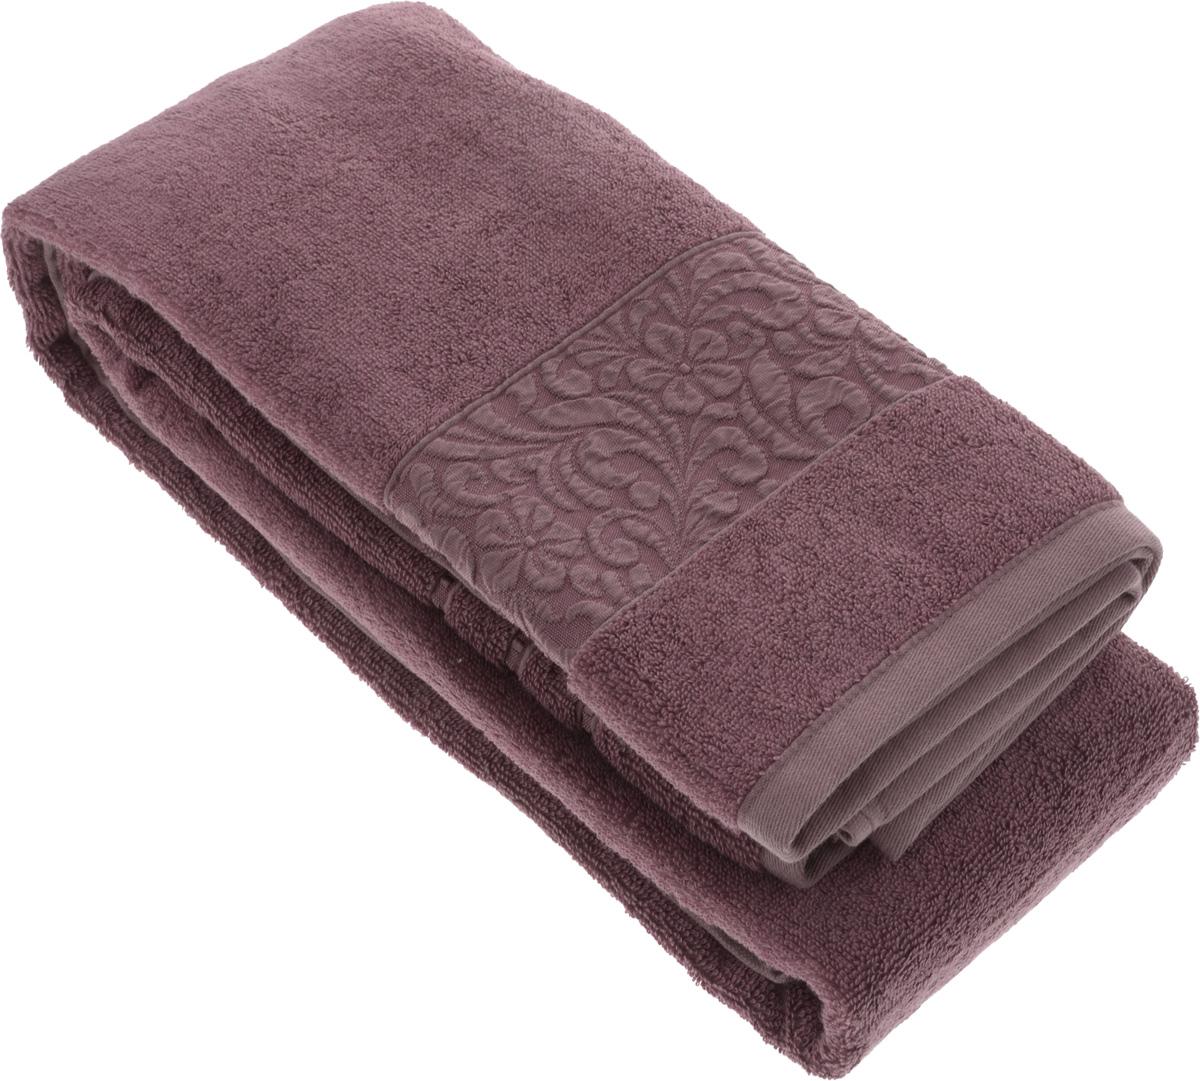 Полотенце бамбуковое Issimo Home Valencia, цвет: пыльная роза, 90 x 150 см4774Полотенце Issimo Home Valencia выполнено из 60% бамбукового волокна и 40% хлопка. Таким полотенцем не нужно вытираться - только коснитесь кожи - и ткань сама все впитает. Такая ткань впитывает в 3 раза лучше, чем хлопок. Несмотря на высокую плотность, полотенце быстро сохнет, остается легкими даже при намокании. Изделие имеет красивый жаккардовый бордюр, оформленный цветочным орнаментом. Благородные, классические тона создадут уют и подчеркнут лучшие качества махровой ткани, а сочные, яркие, летние оттенки создадут ощущение праздника и наполнят дом энергией. Красивая, стильная упаковка этого полотенца делает его уже готовым подарком к любому случаю.